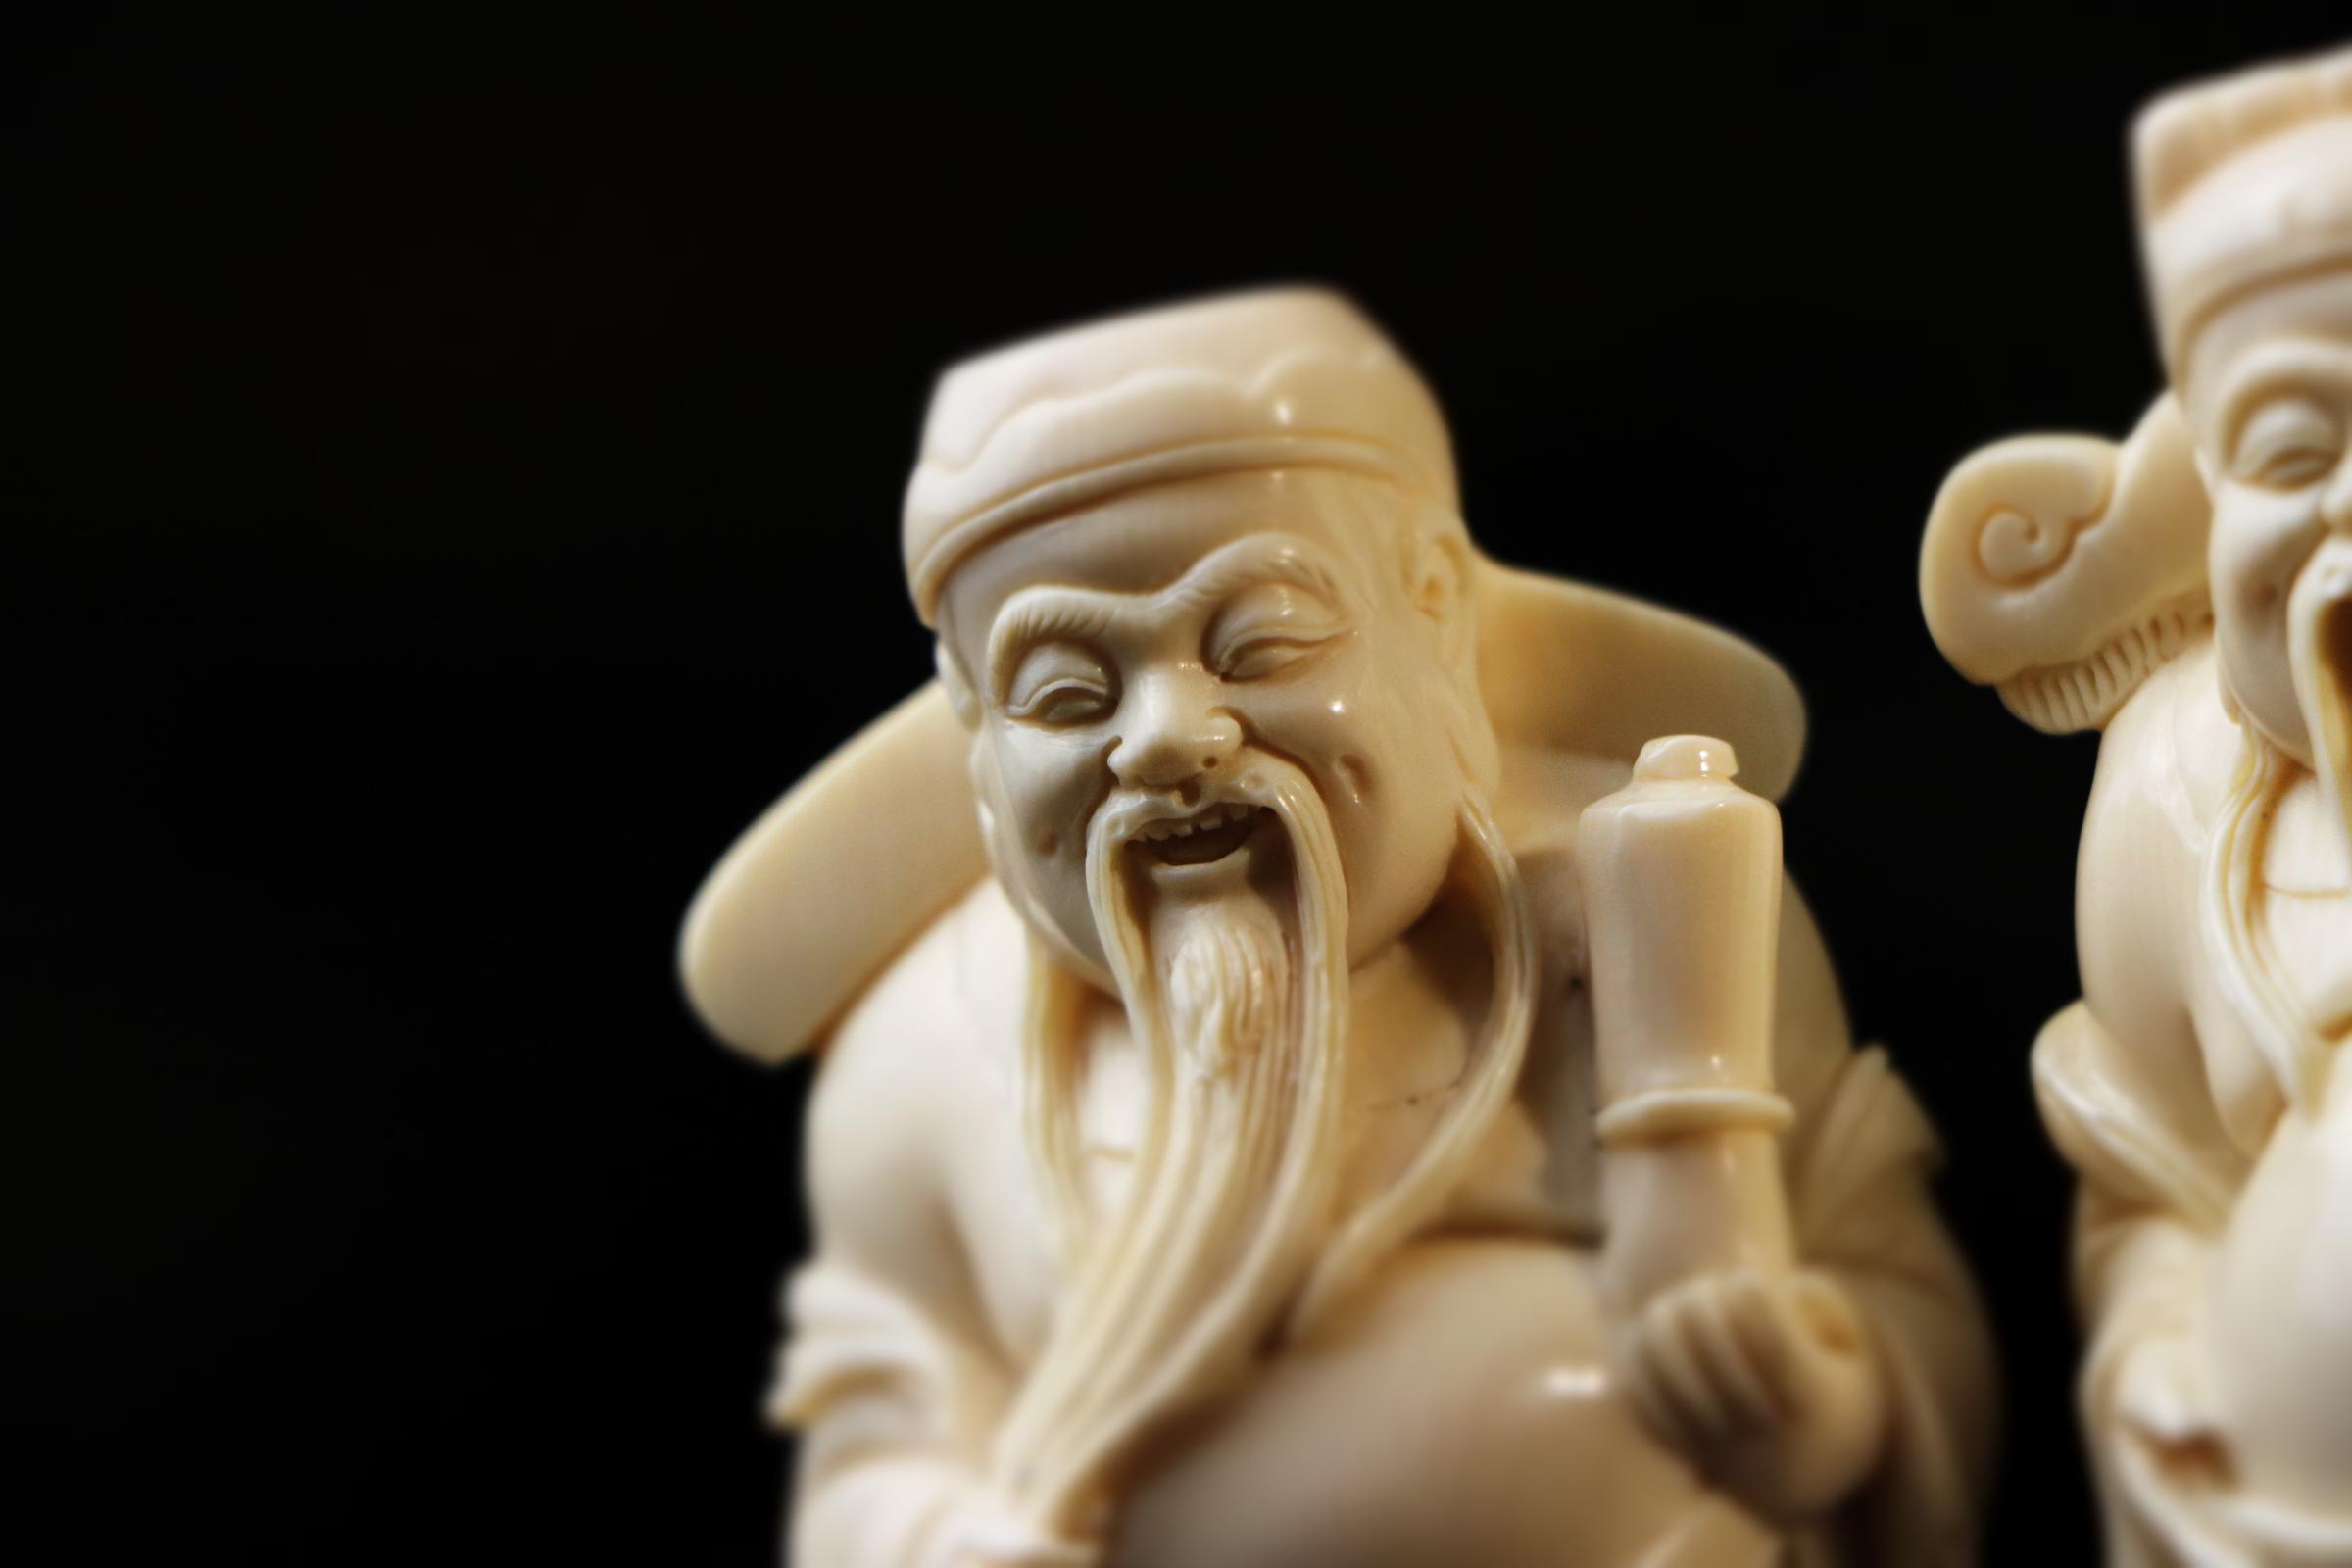 福禄寿三星牙雕 细节展示